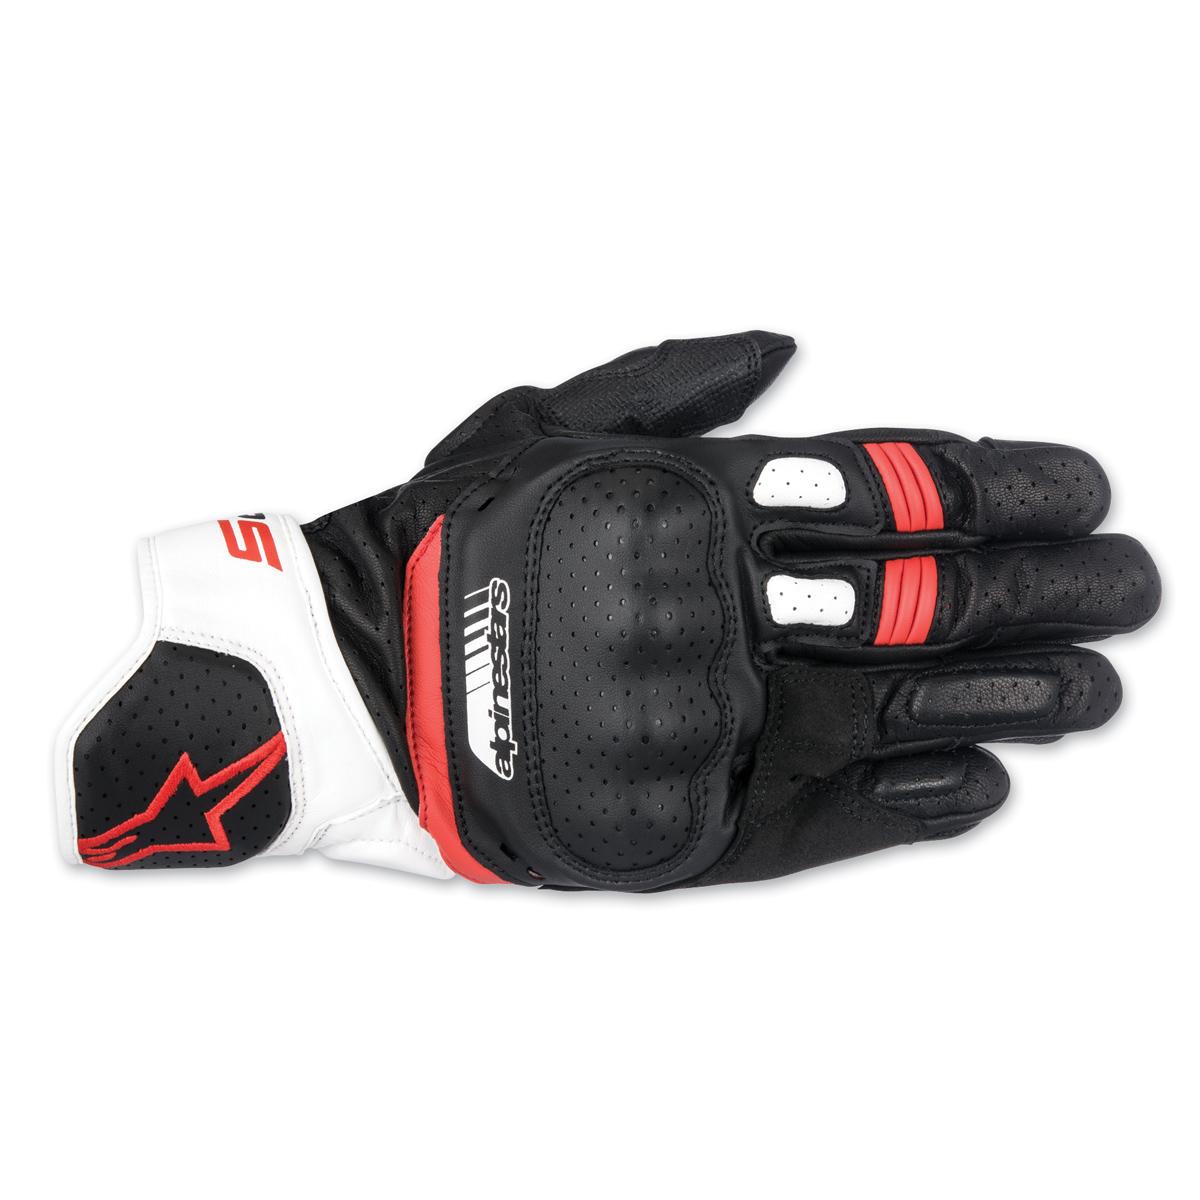 Alpinestars Men's SP-5 Black/White/Red Leather Gloves